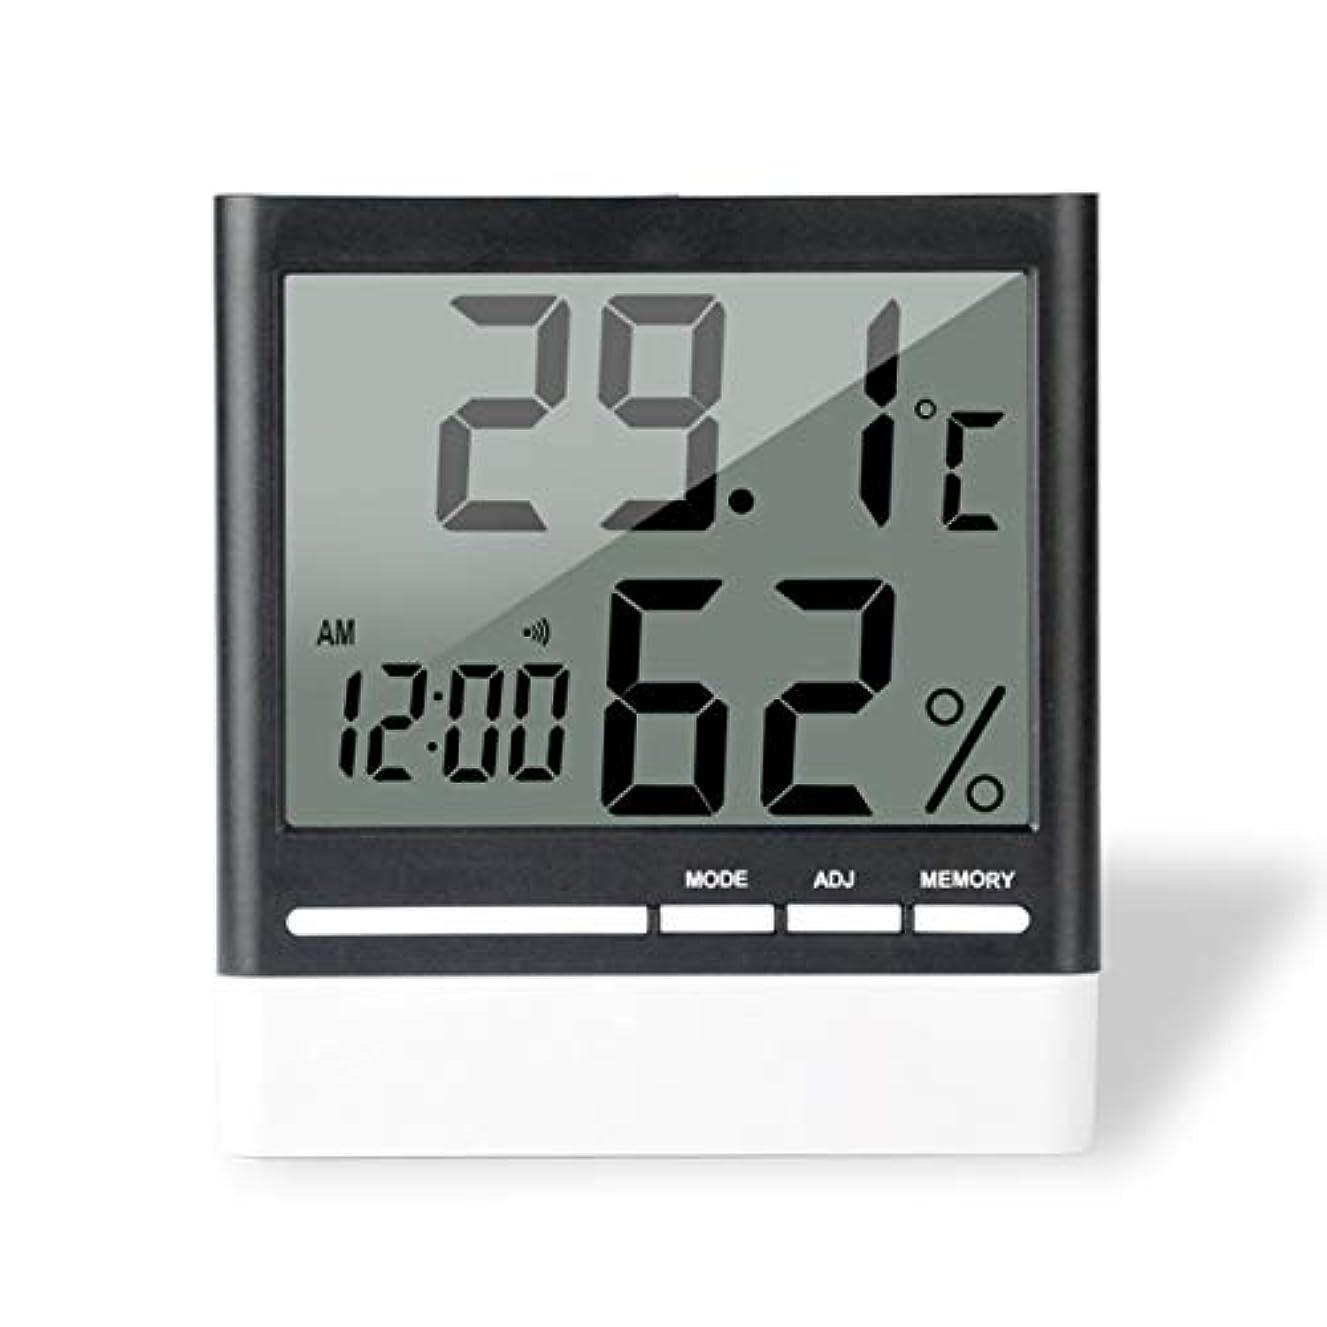 拒否うれしい正確さSaikogoods 電子体温計湿度計 デジタルディスプレイ 温度湿度モニター アラーム時計 屋内家庭用 ブラック